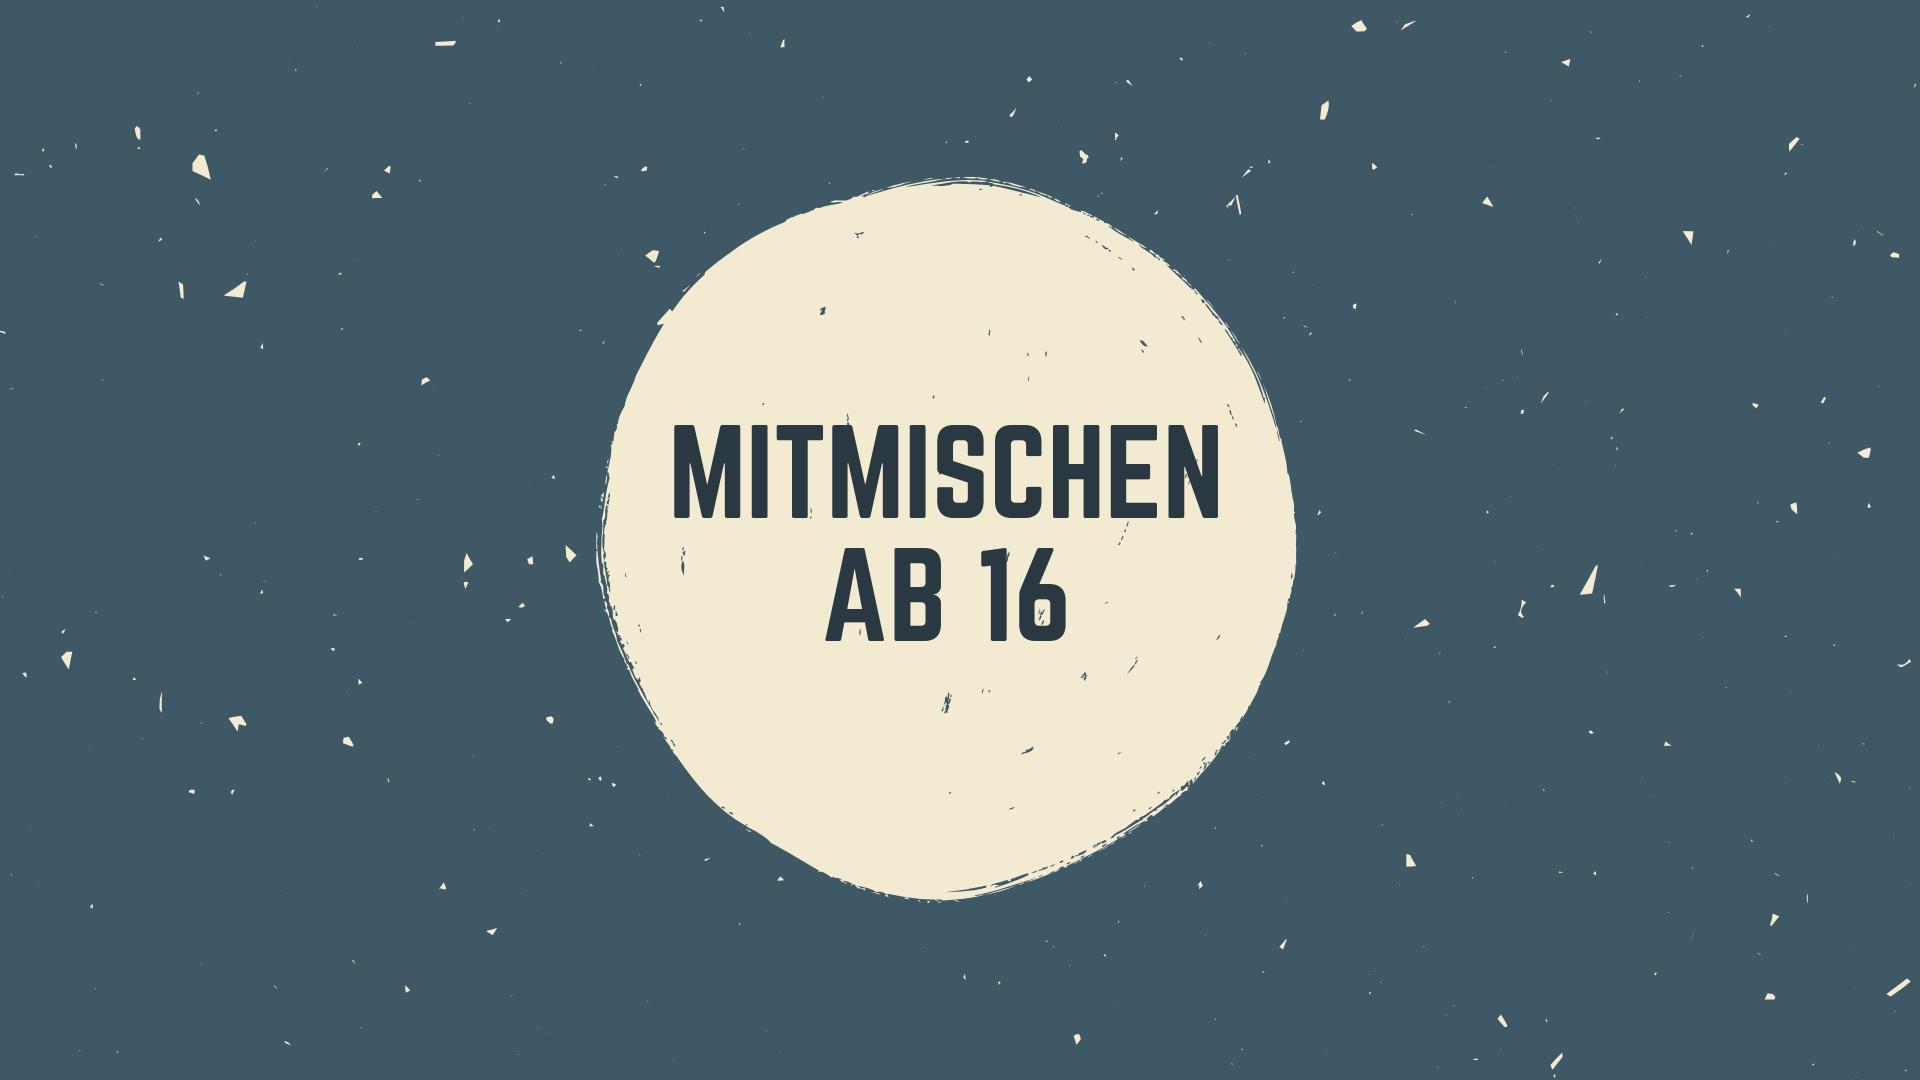 Blauer Hintergrund mit Weißem Kreis in der Mitte. Darin Steht: Mitmischen ab 16.